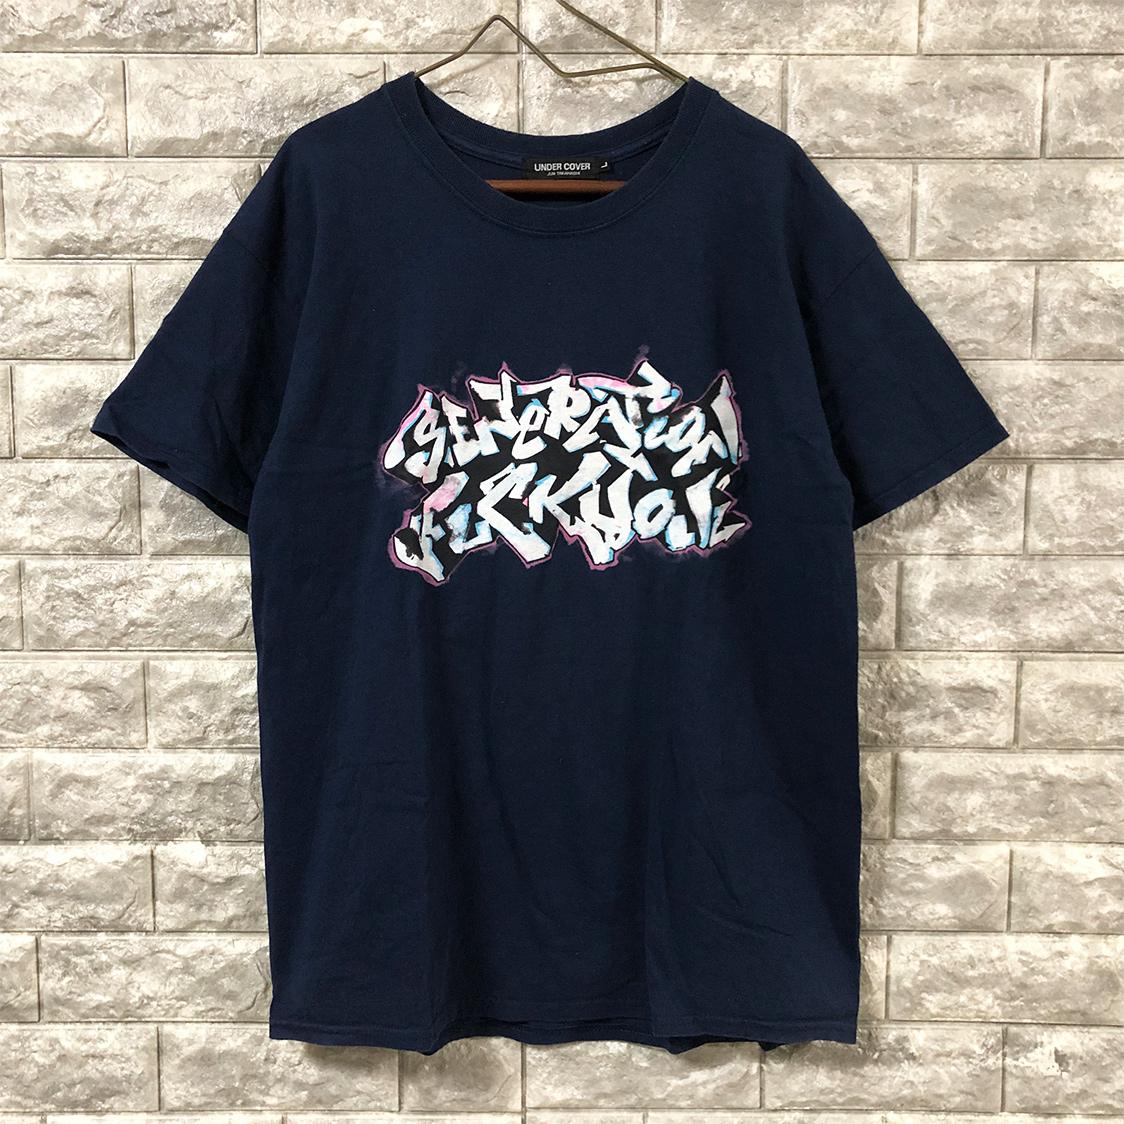 UNDERCOVER アンダーカバー 【Lサイズ】 Tシャツ カットソー ネイビー 半袖